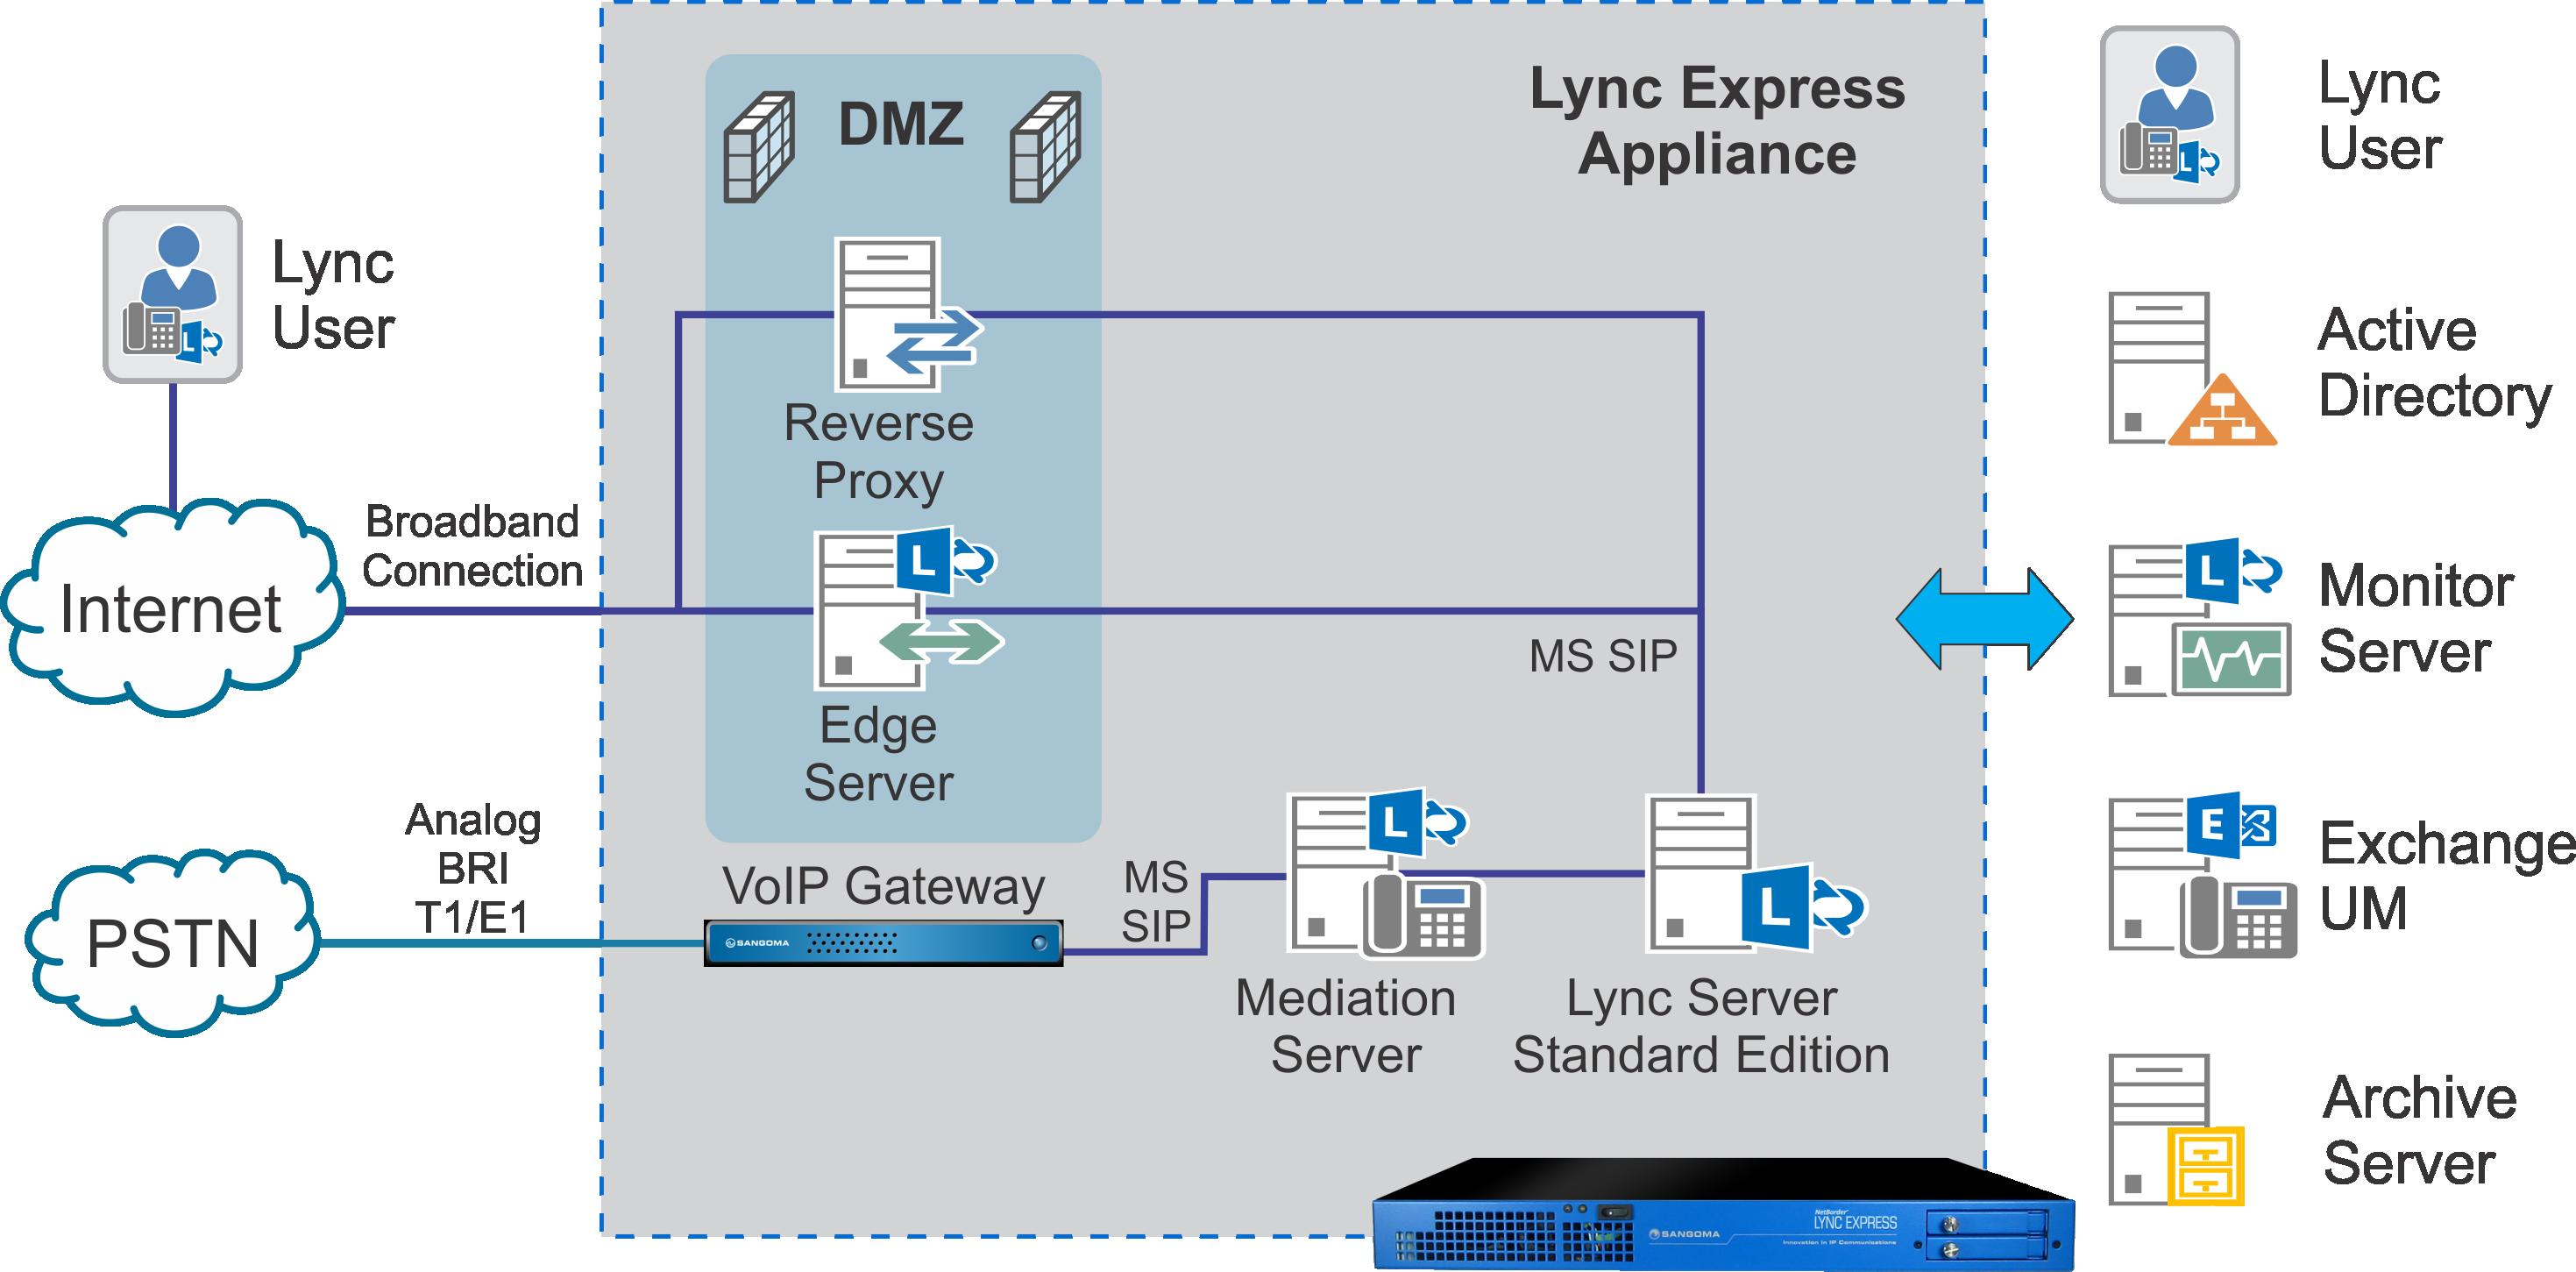 Telecom Diagram Lync - Enthusiast Wiring Diagrams •